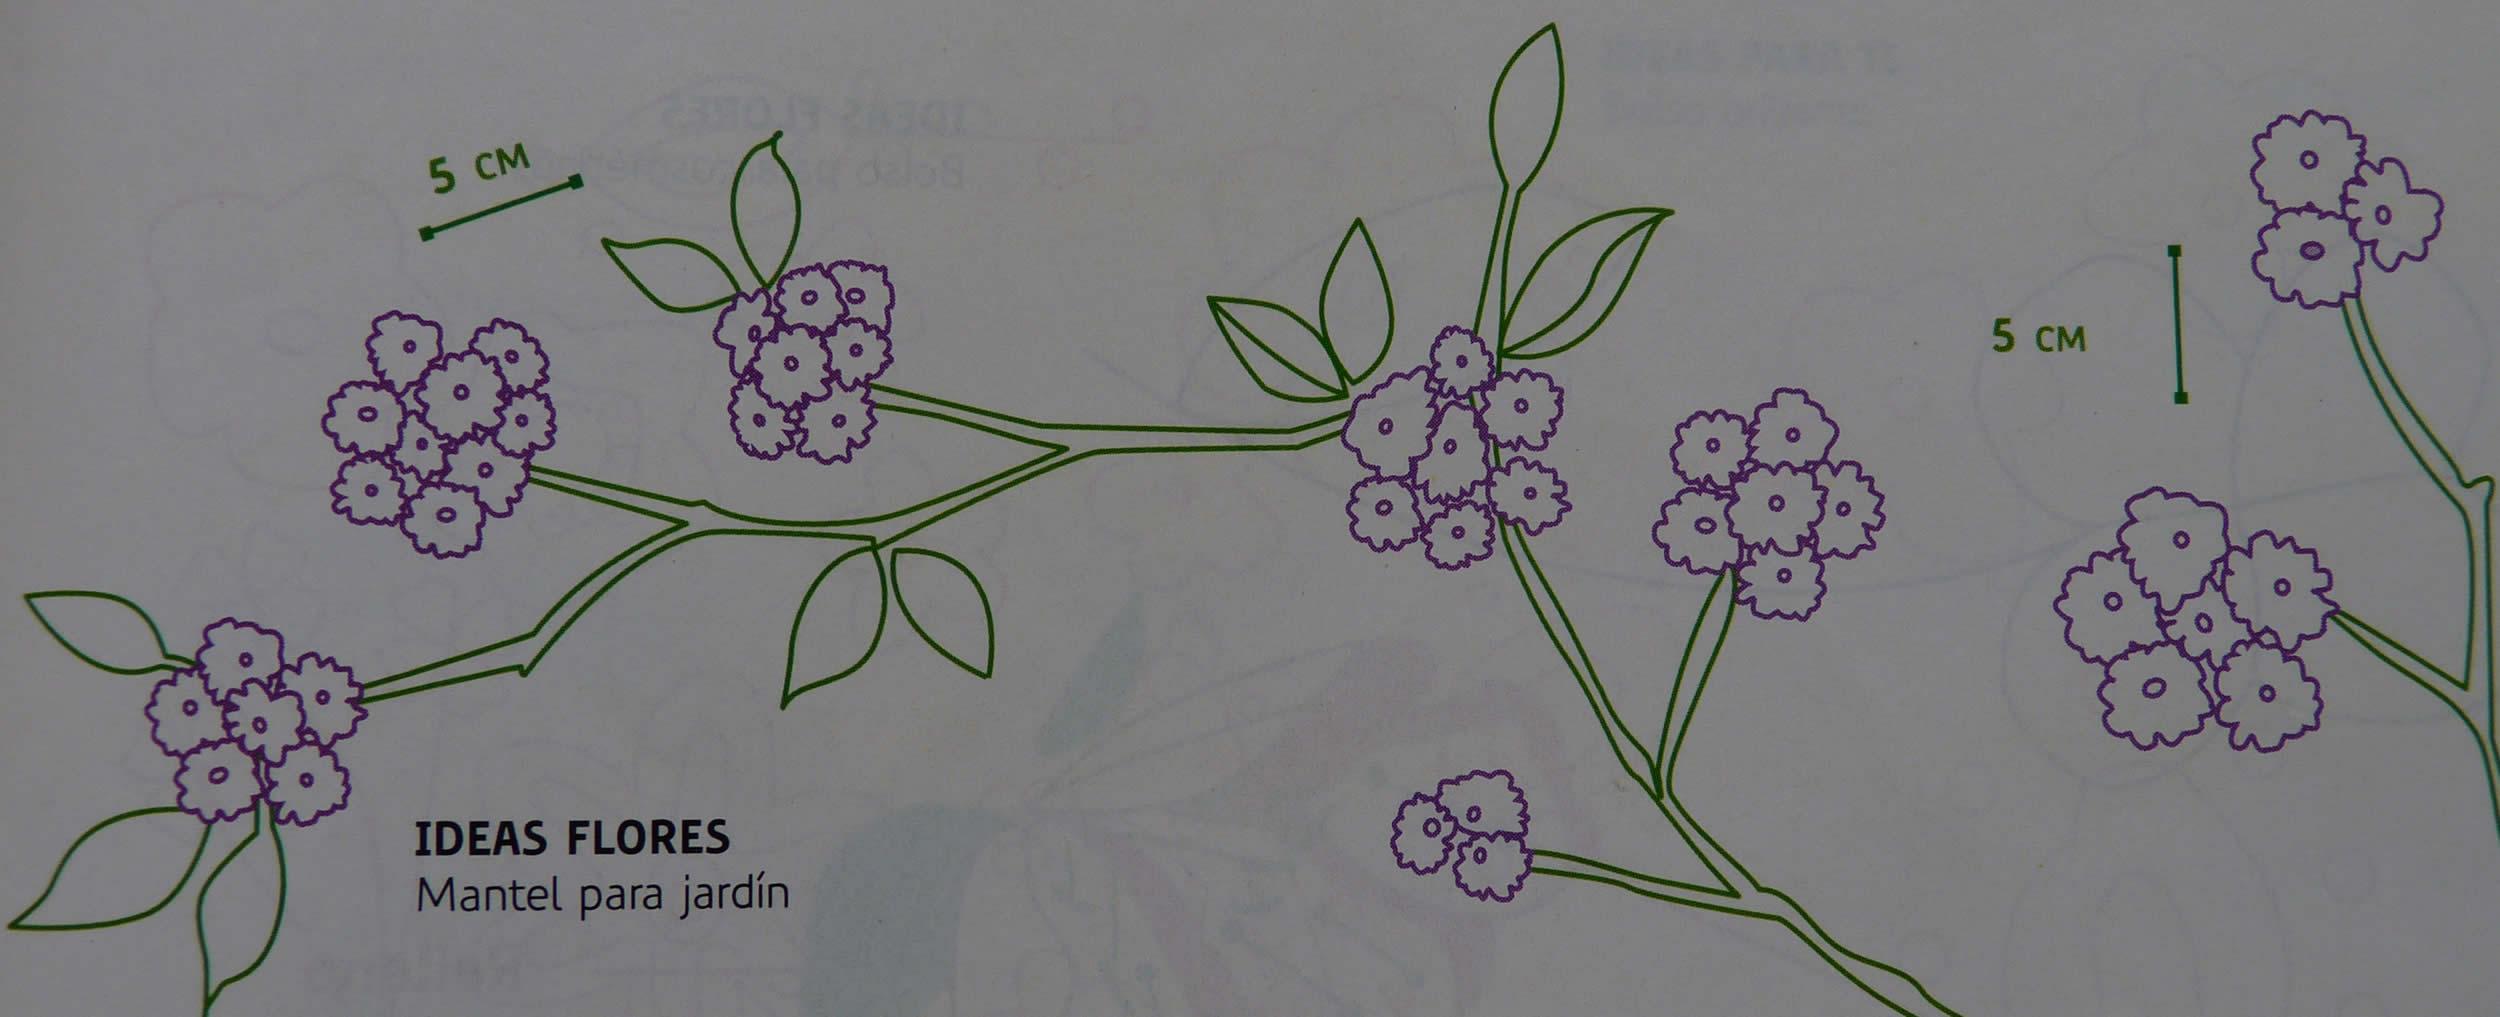 Un mantel pintado para la mesa de jardín Artículo Publicado el 25.02